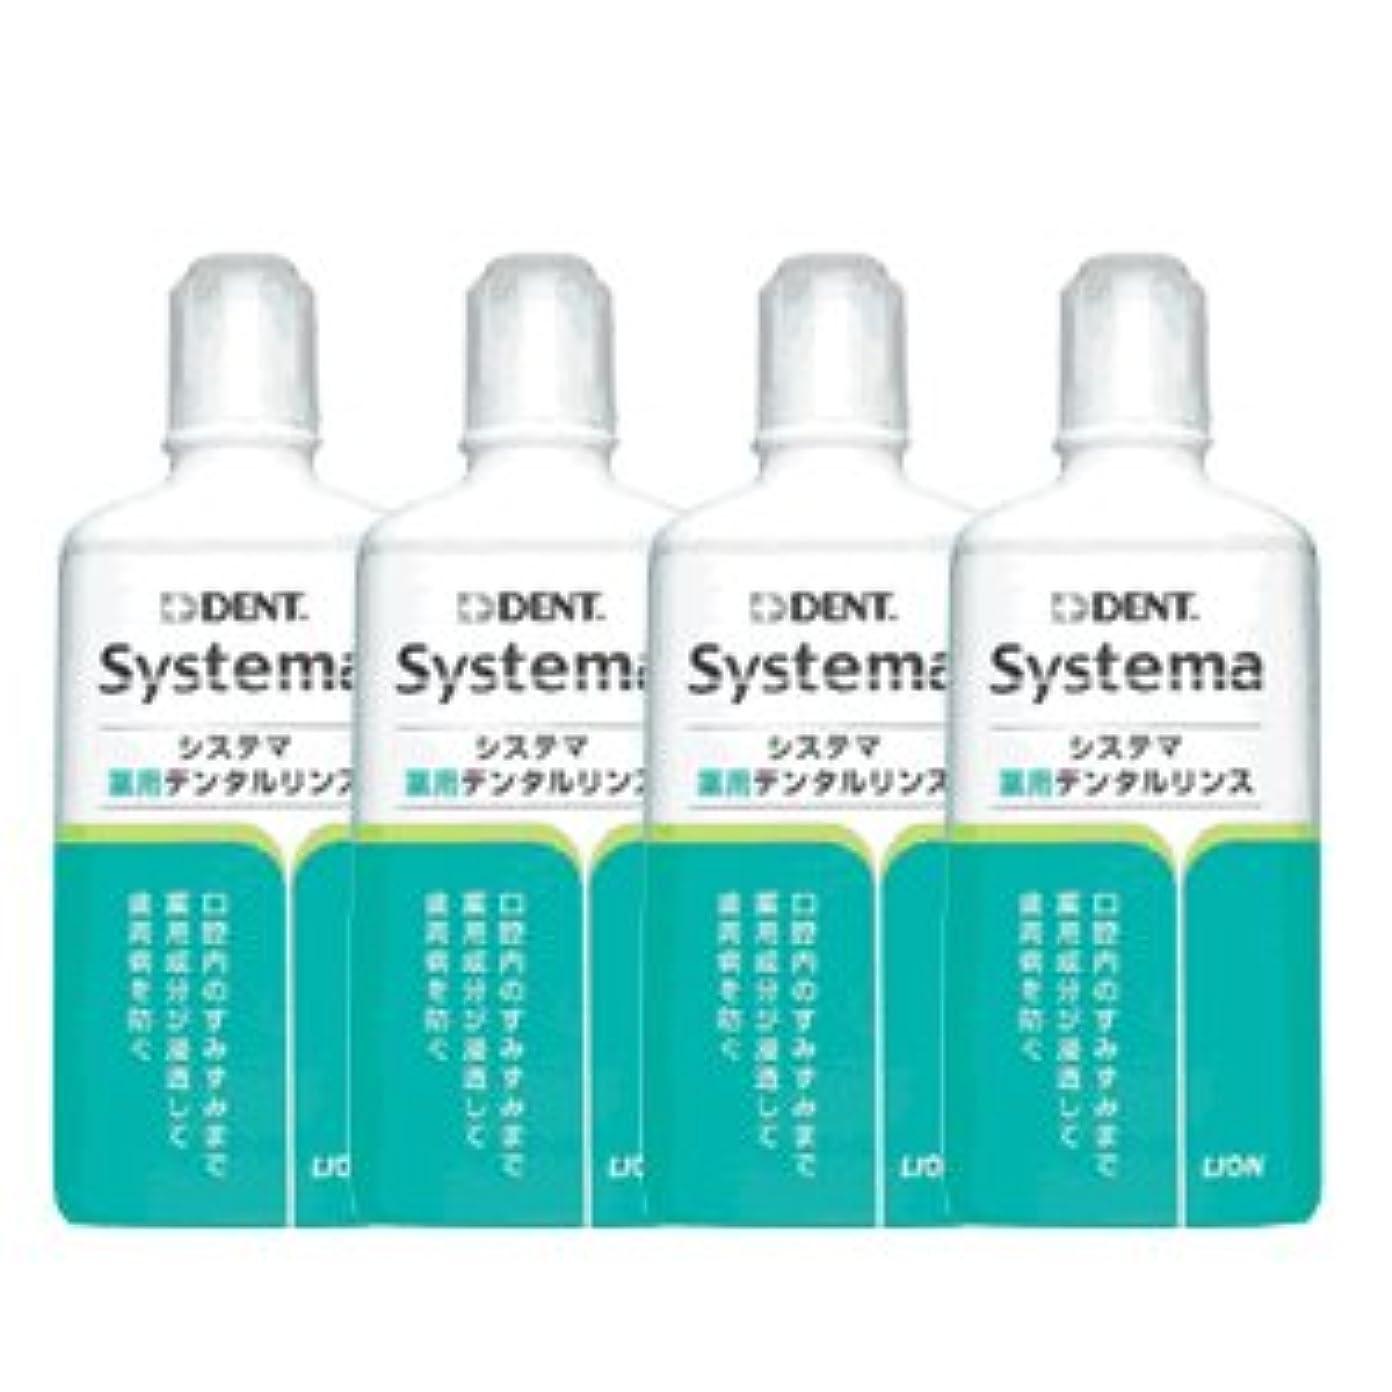 原始的な気になるパスライオン システマ 薬用 デンタルリンス 450ml レギュラータイプ 4本セット 医薬部外品